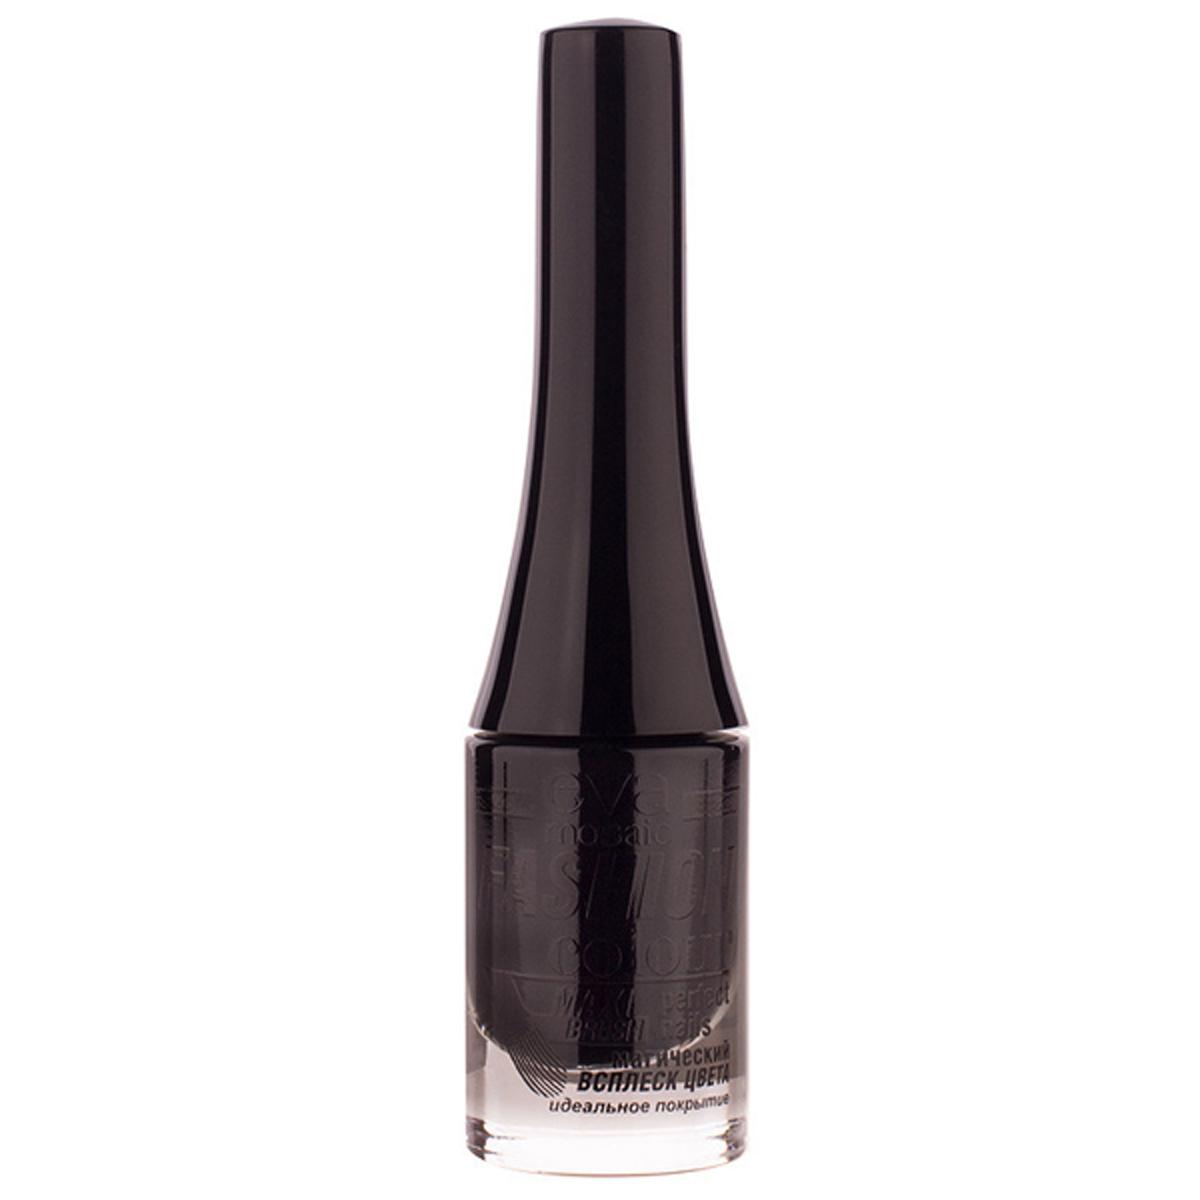 Eva Mosaic Лак для ногтей Fashion Colour, 6 мл, 049 Черная Ночь80284338Стойкие лаки для ногтей в экономичной упаковке небольшого объема - лак не успеет надоесть или загустеть! Огромный спектр оттенков - от сдержанной классики до самых смелых современных тенденций.- легко наносятся и быстро сохнут- обладают высокой стойкостью и зеркальным блеском- эргономичная плоская кисть для быстрого, аккуратного и точного нанесения.